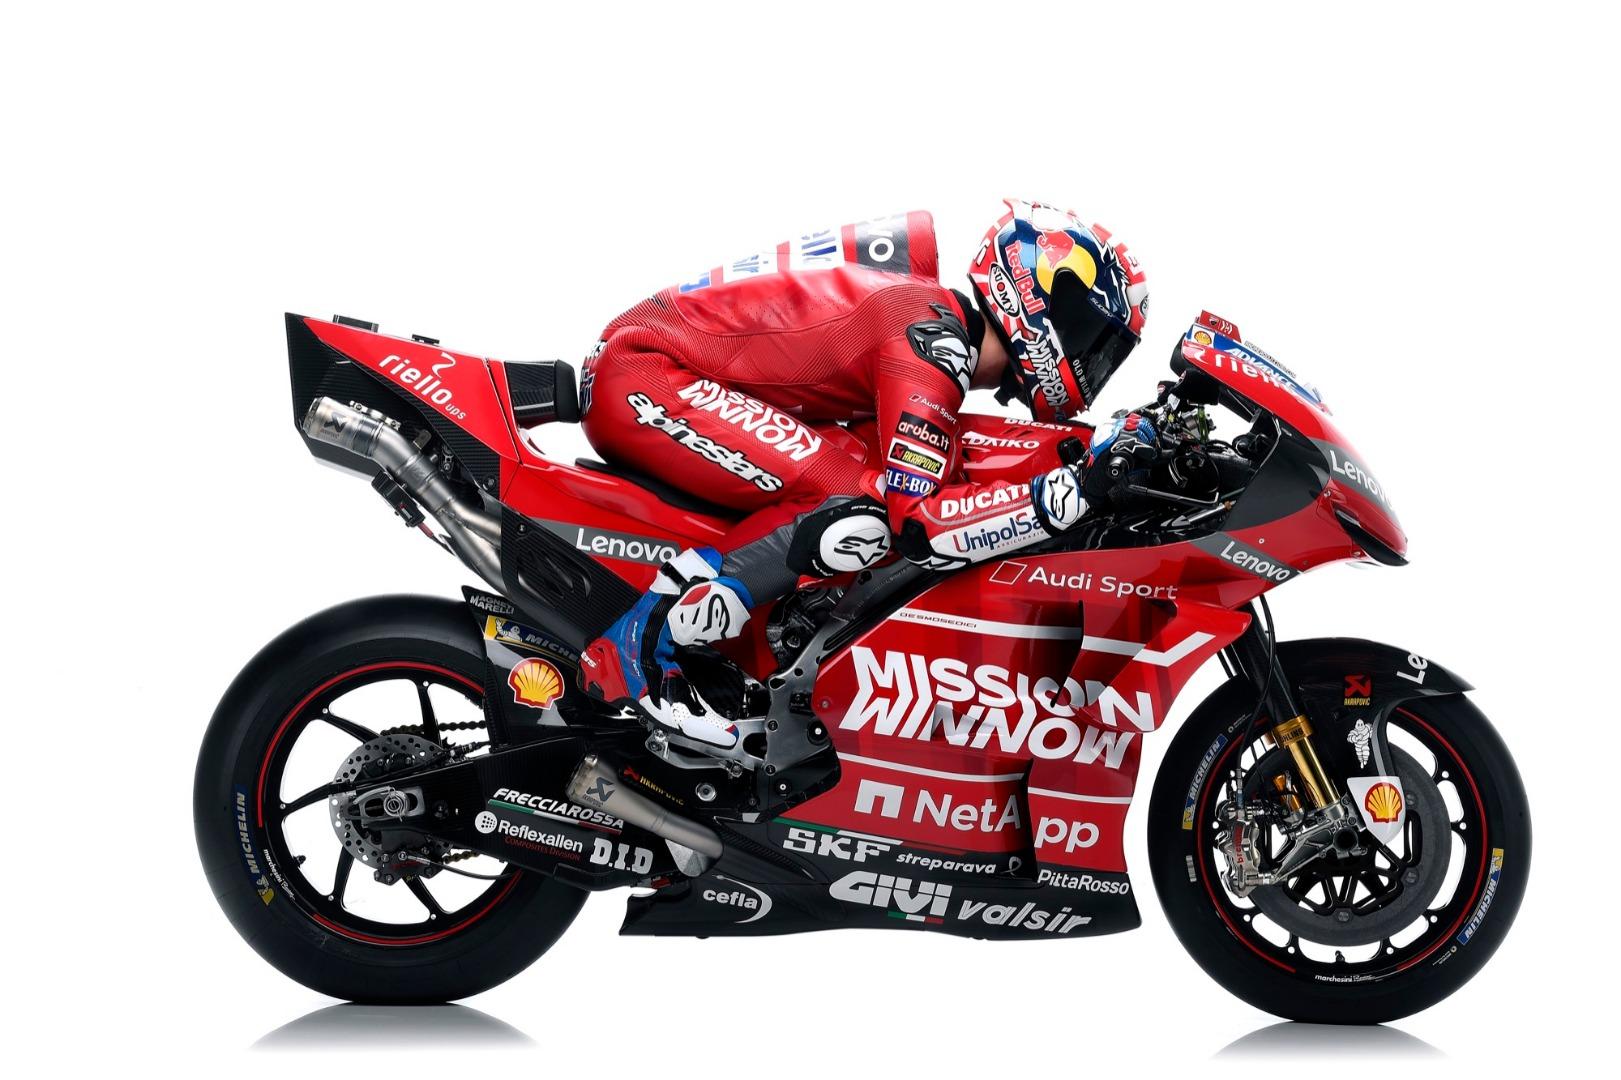 MotoGP 2019 - Ducati GP19